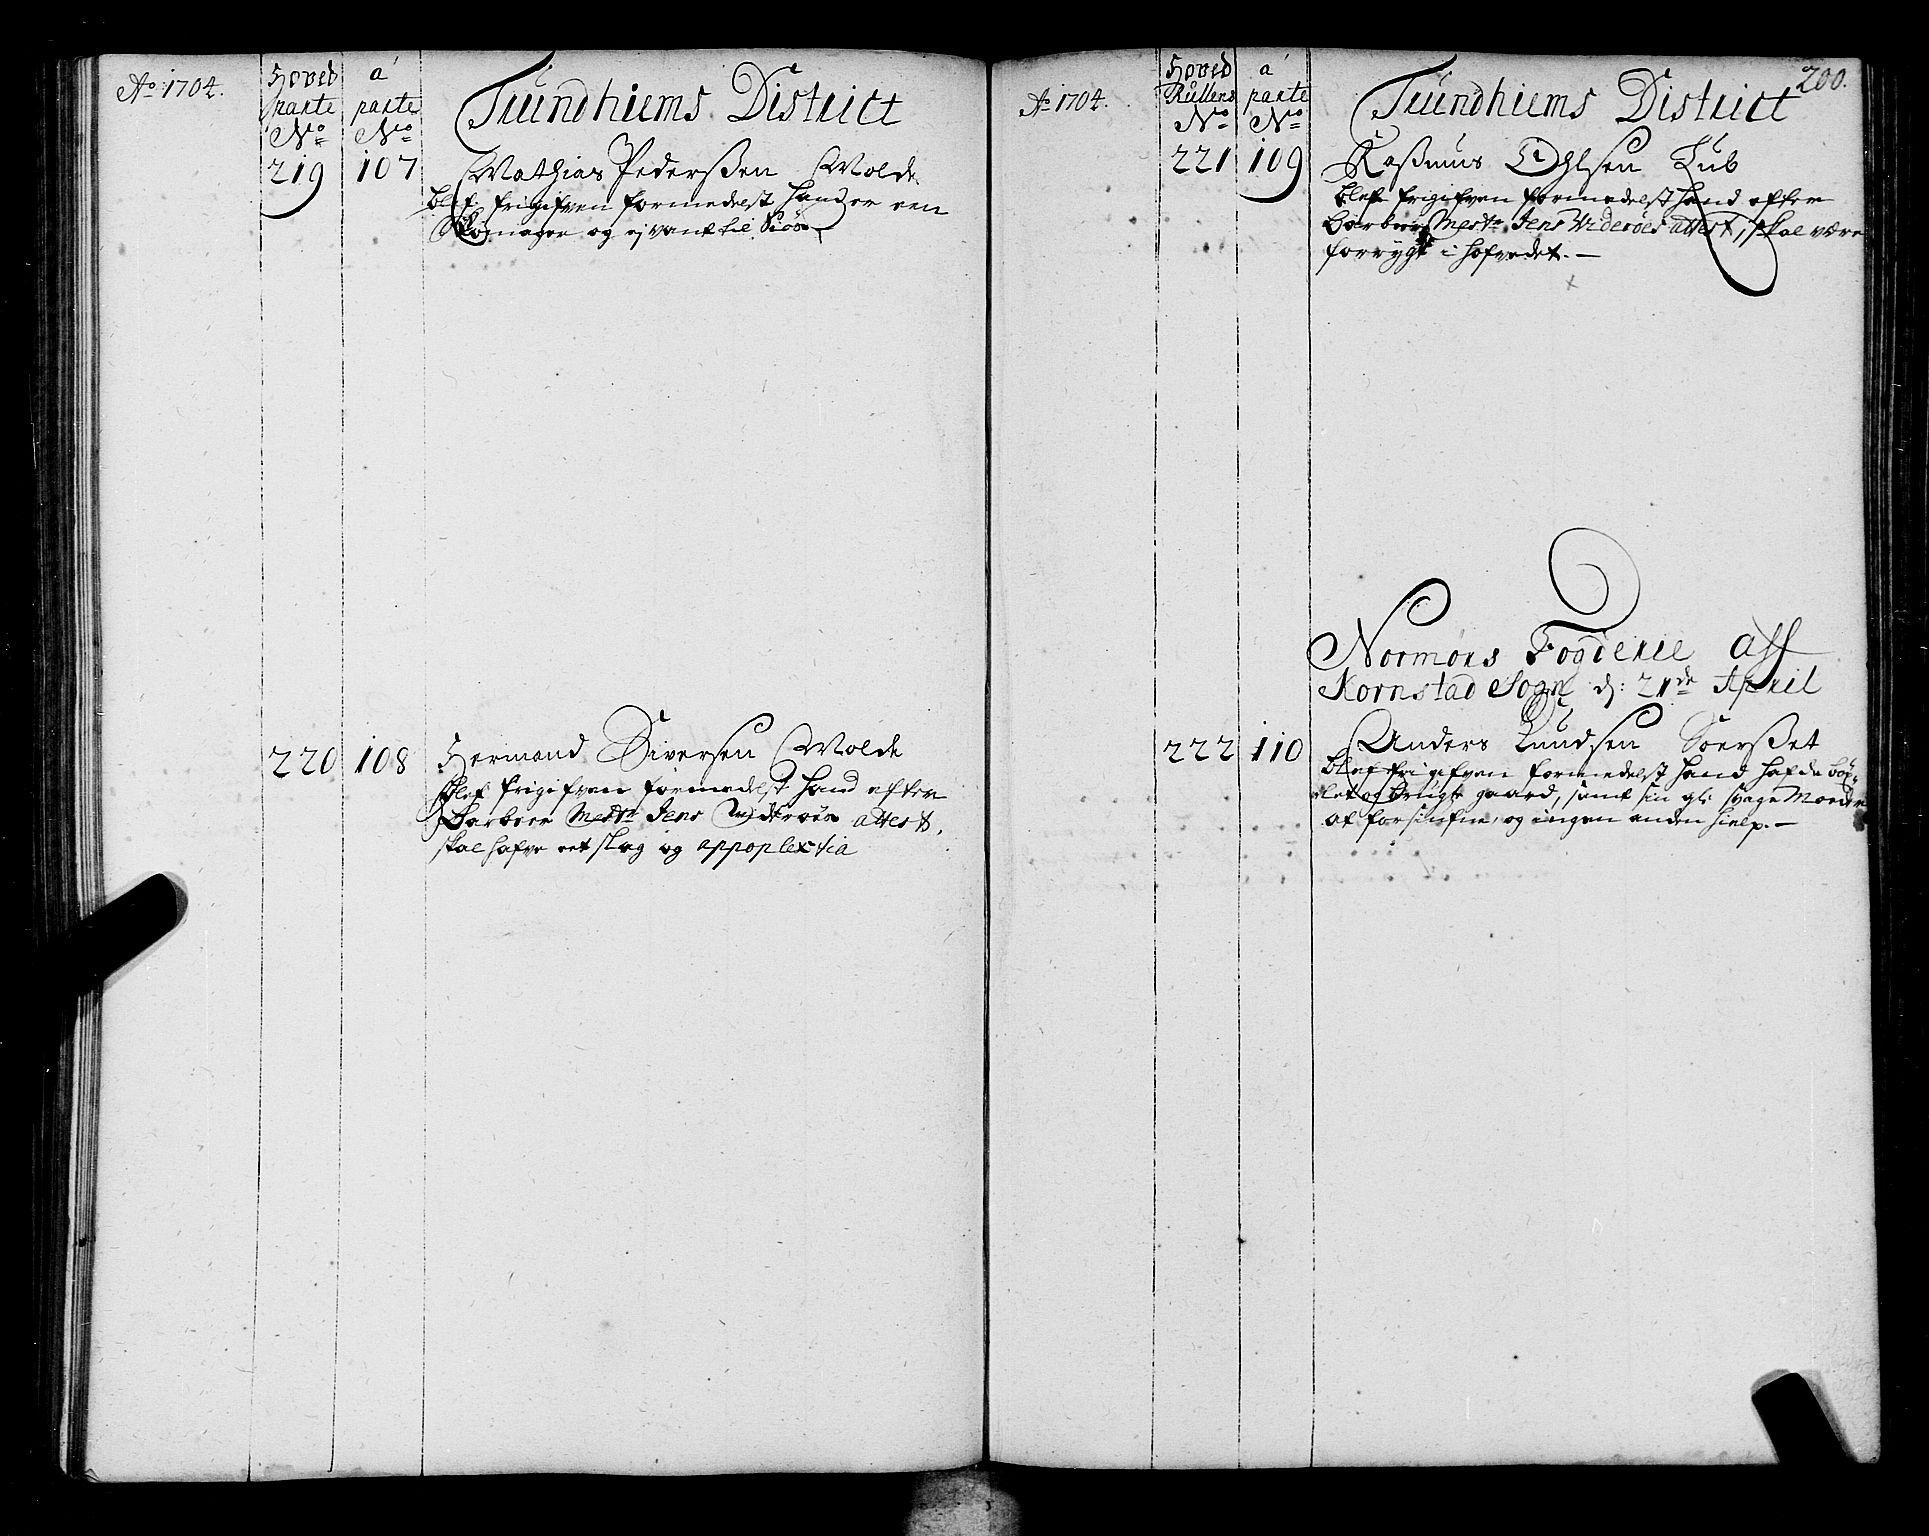 SAT, Sjøinnrulleringen - Trondhjemske distrikt, 01/L0004: Ruller over sjøfolk i Trondhjem by, 1704-1710, s. 200